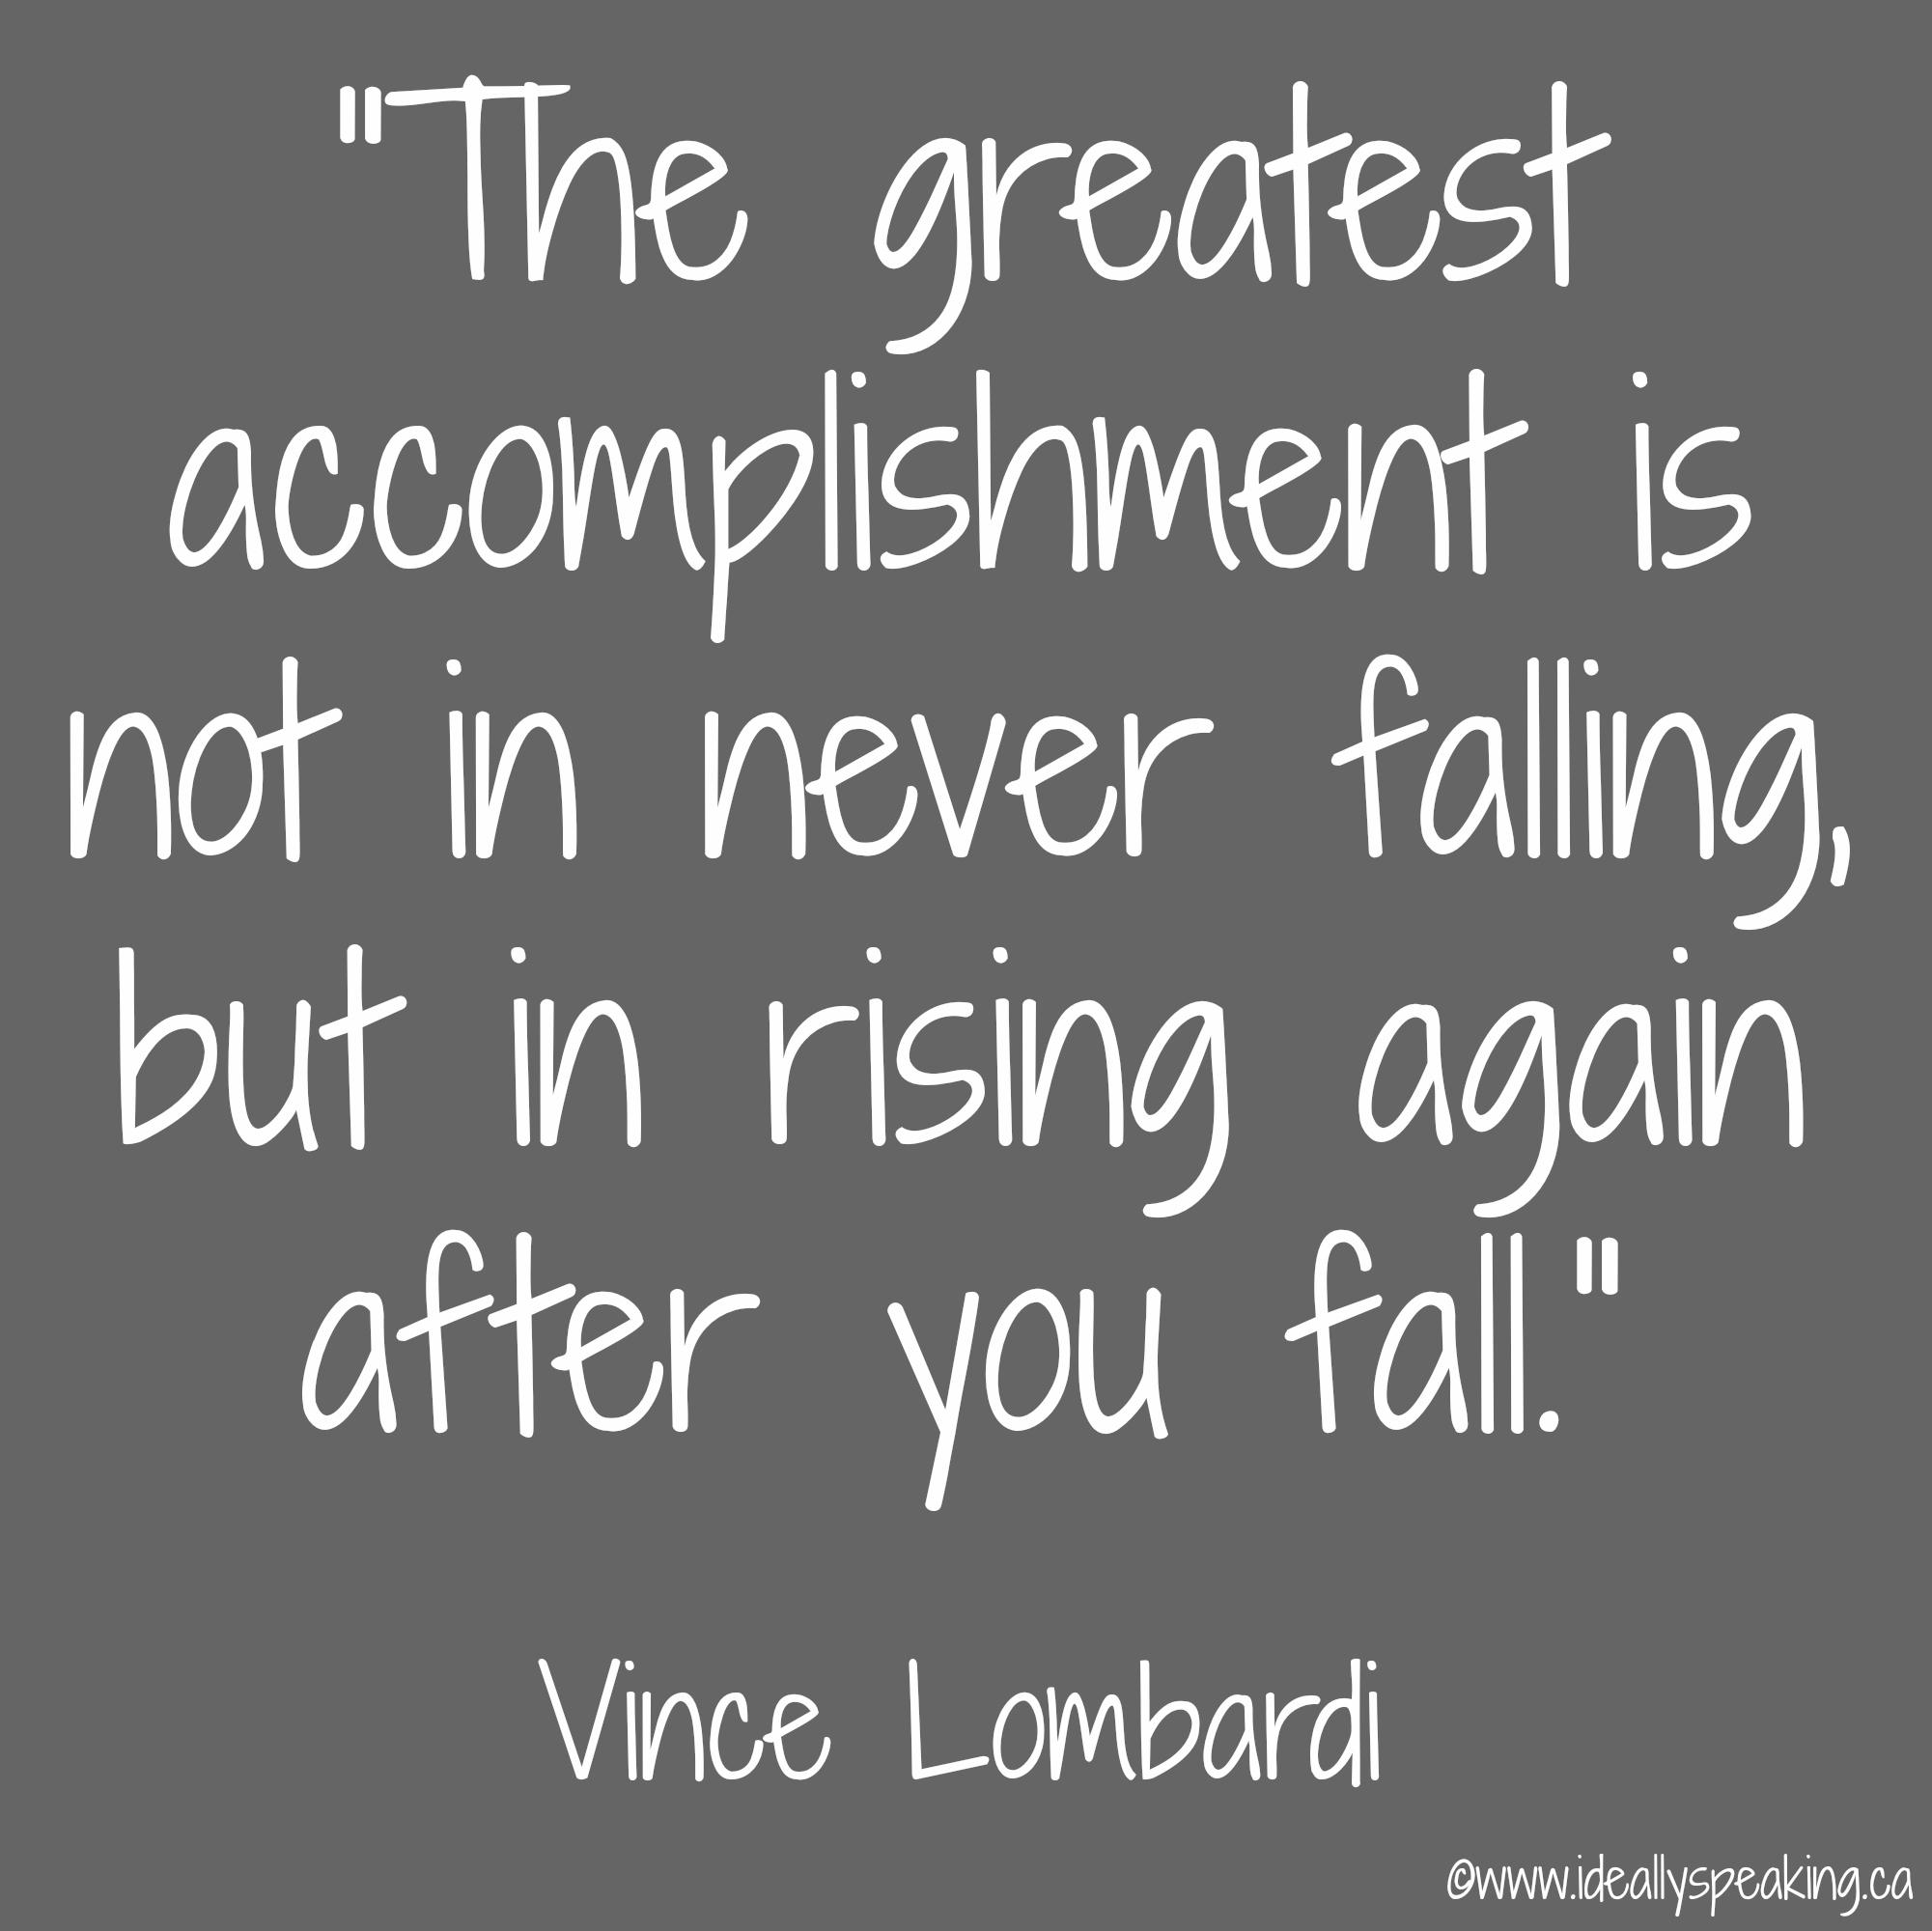 greatest achievement quotes quotesgram greatest achievement quotes follow us